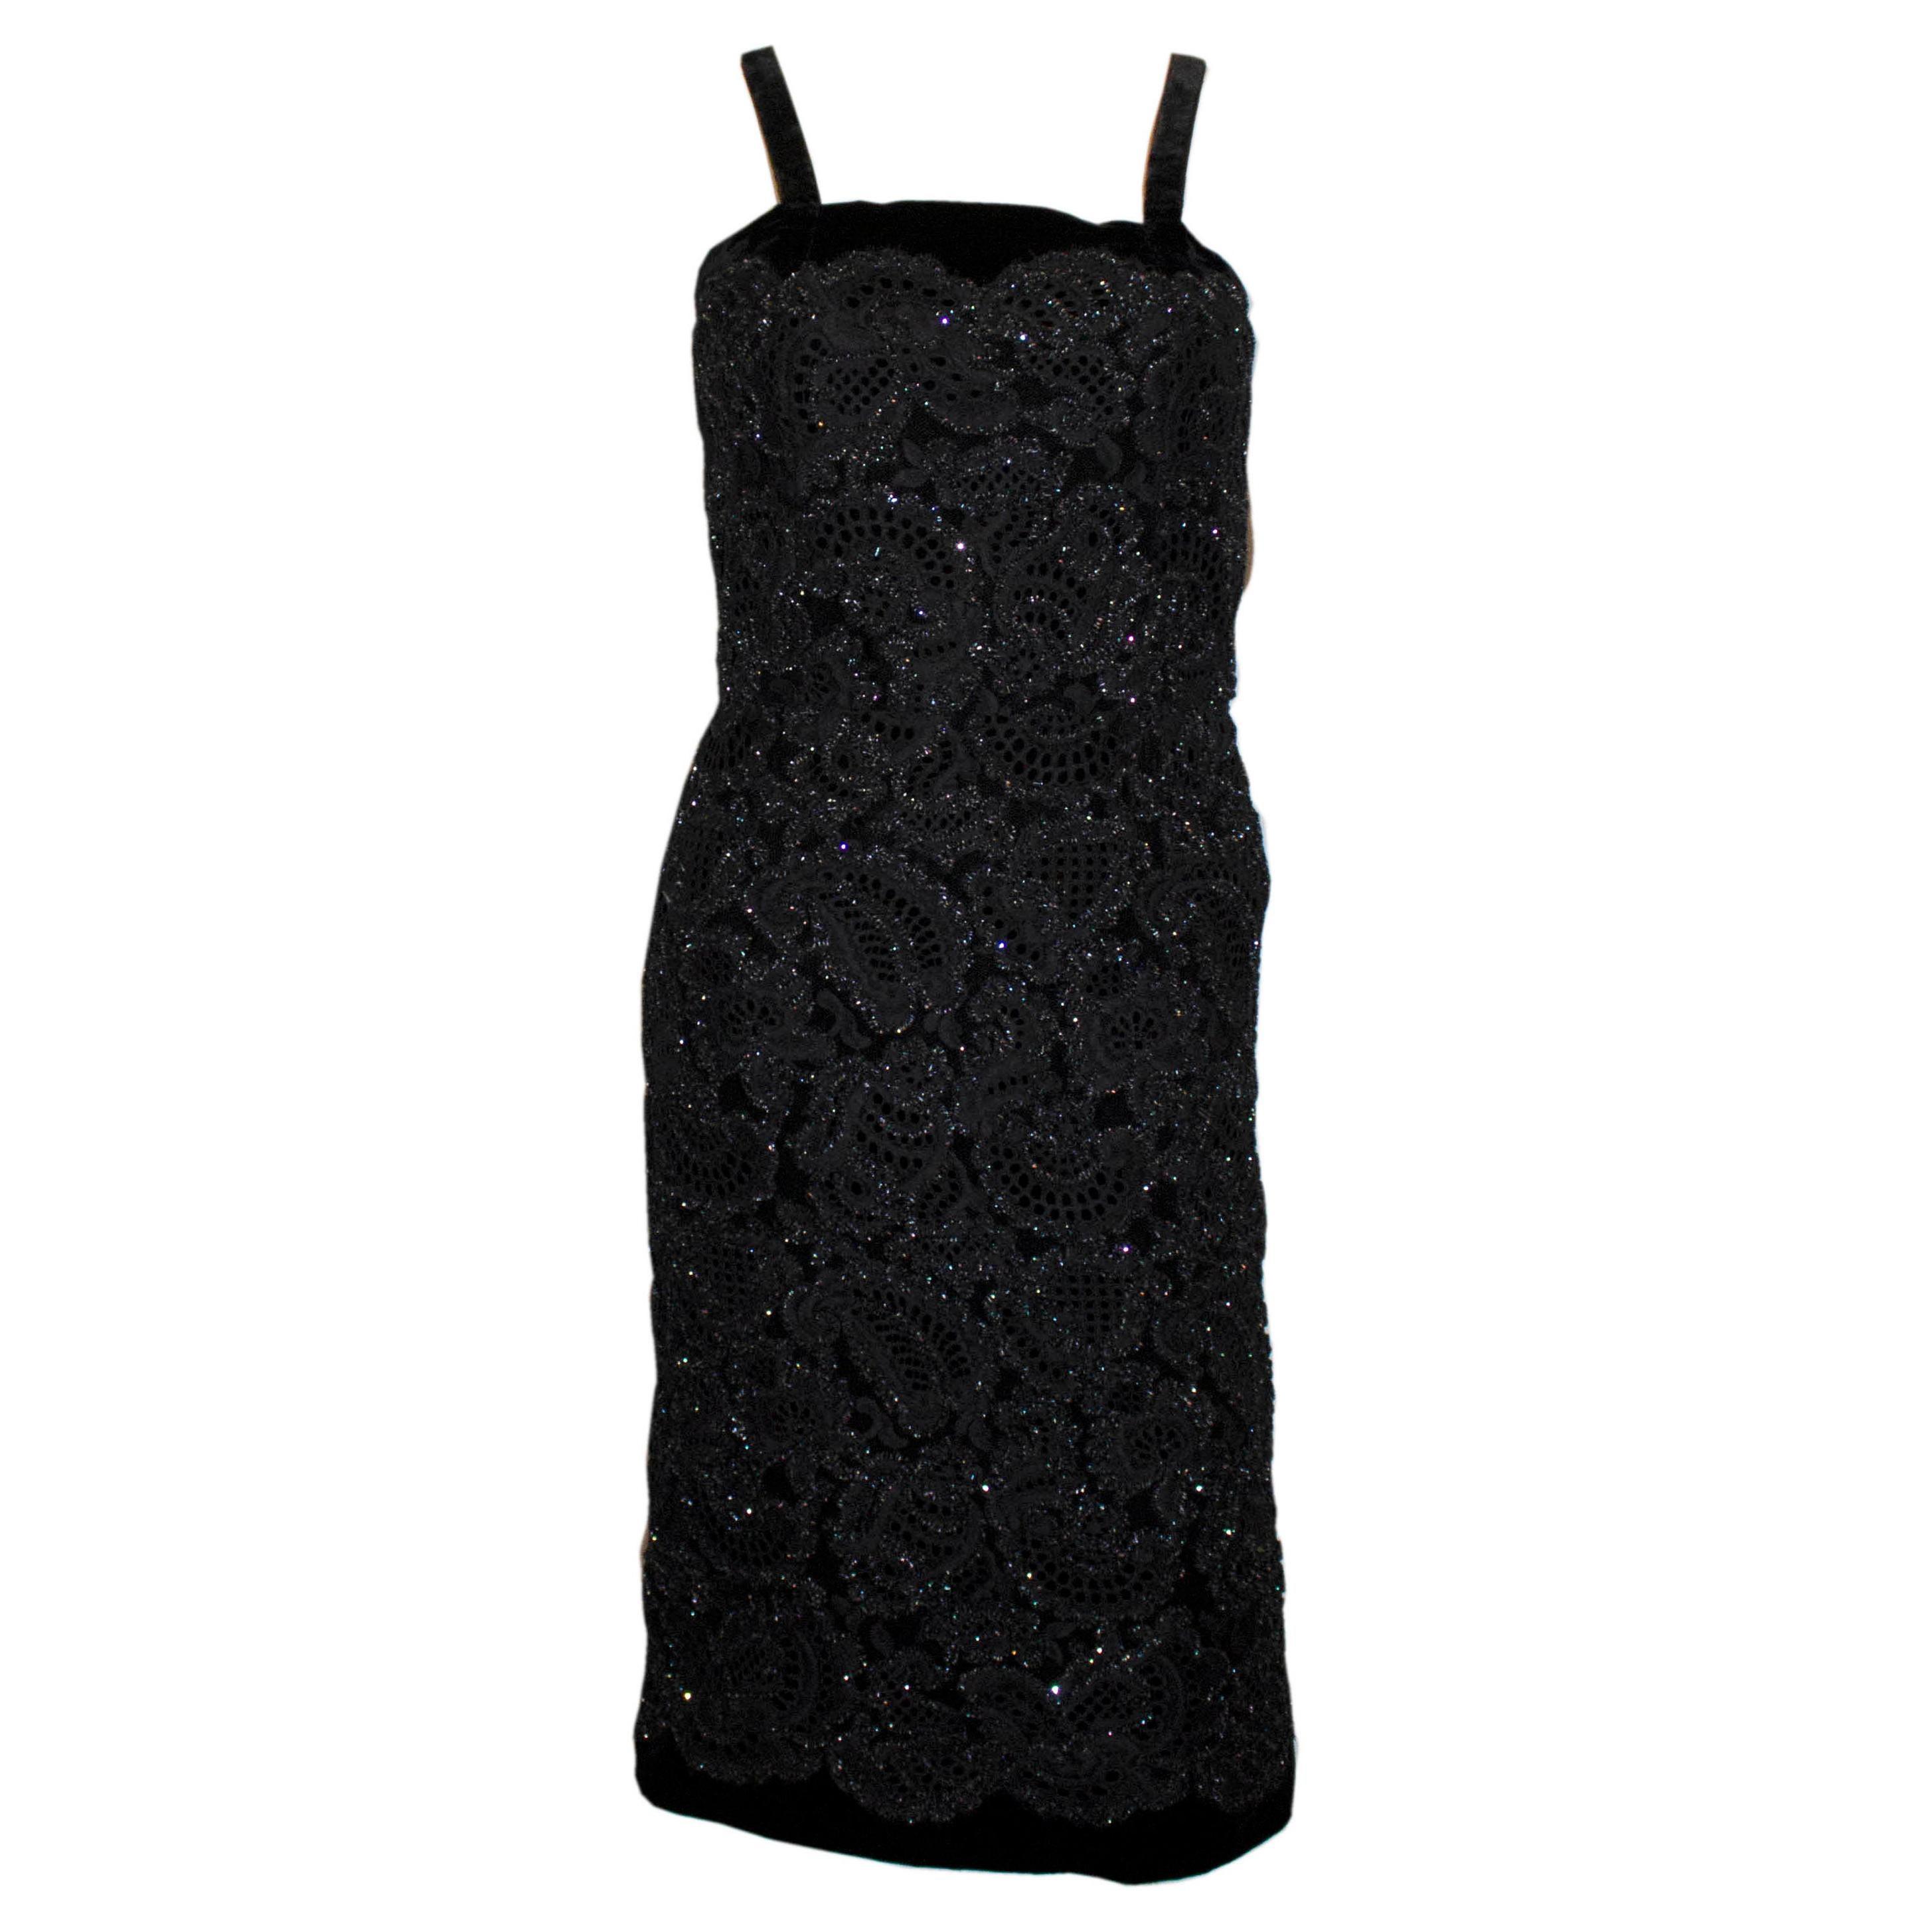 Vintage Worth Black Cocktail Dress